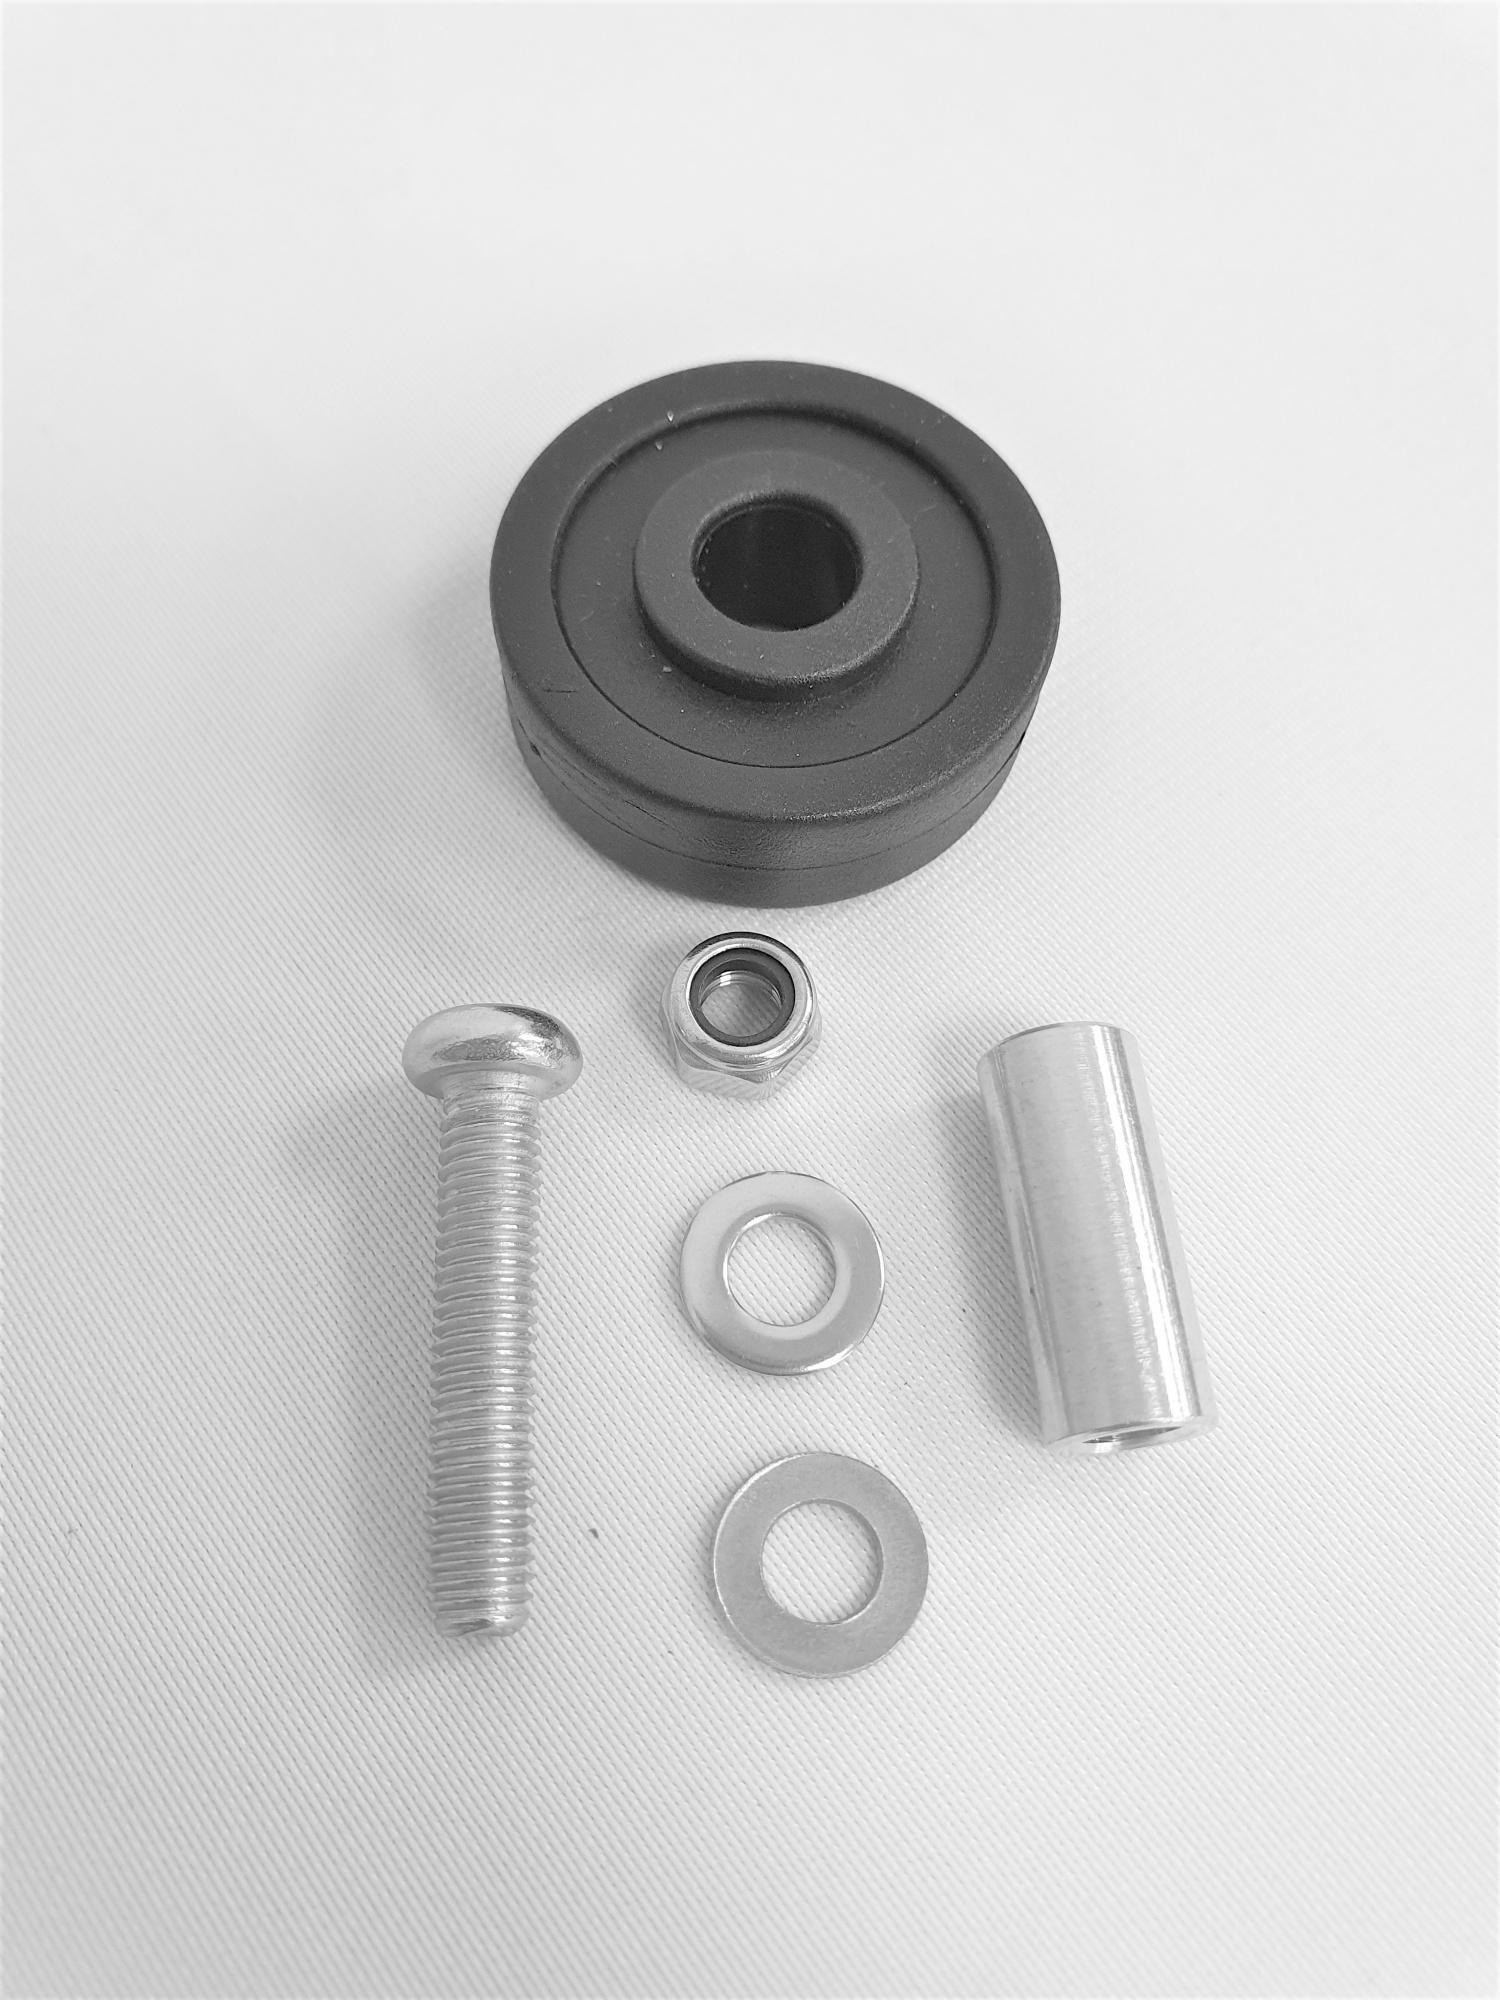 Roulette de réglage suceur pour Autolaveuse VIPER AS 380 15 B